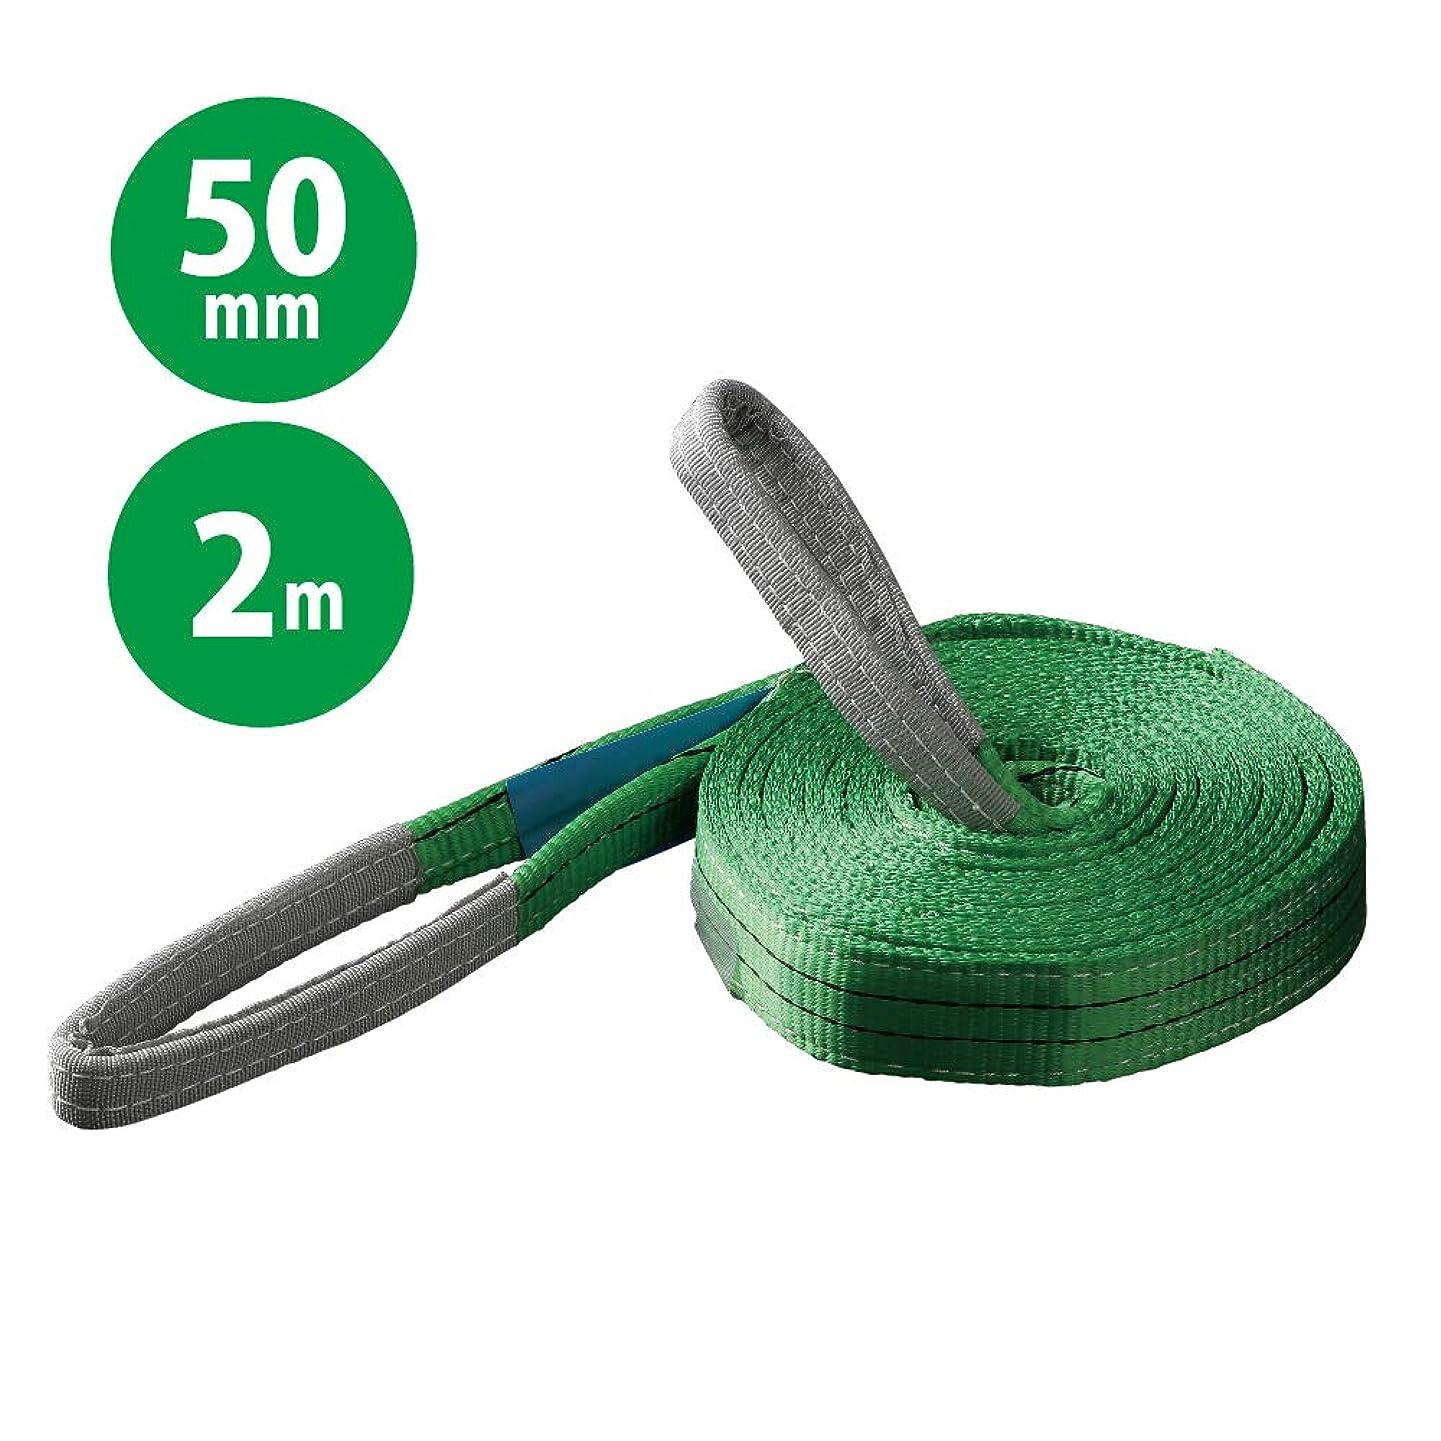 不快な把握概して32本セット スリングベルト 50mm × 2m 2T (1本 778円) ストレート吊り最大使用荷重2000㎏ ベルトスリング、安全係数6 CE?GSマーク獲得